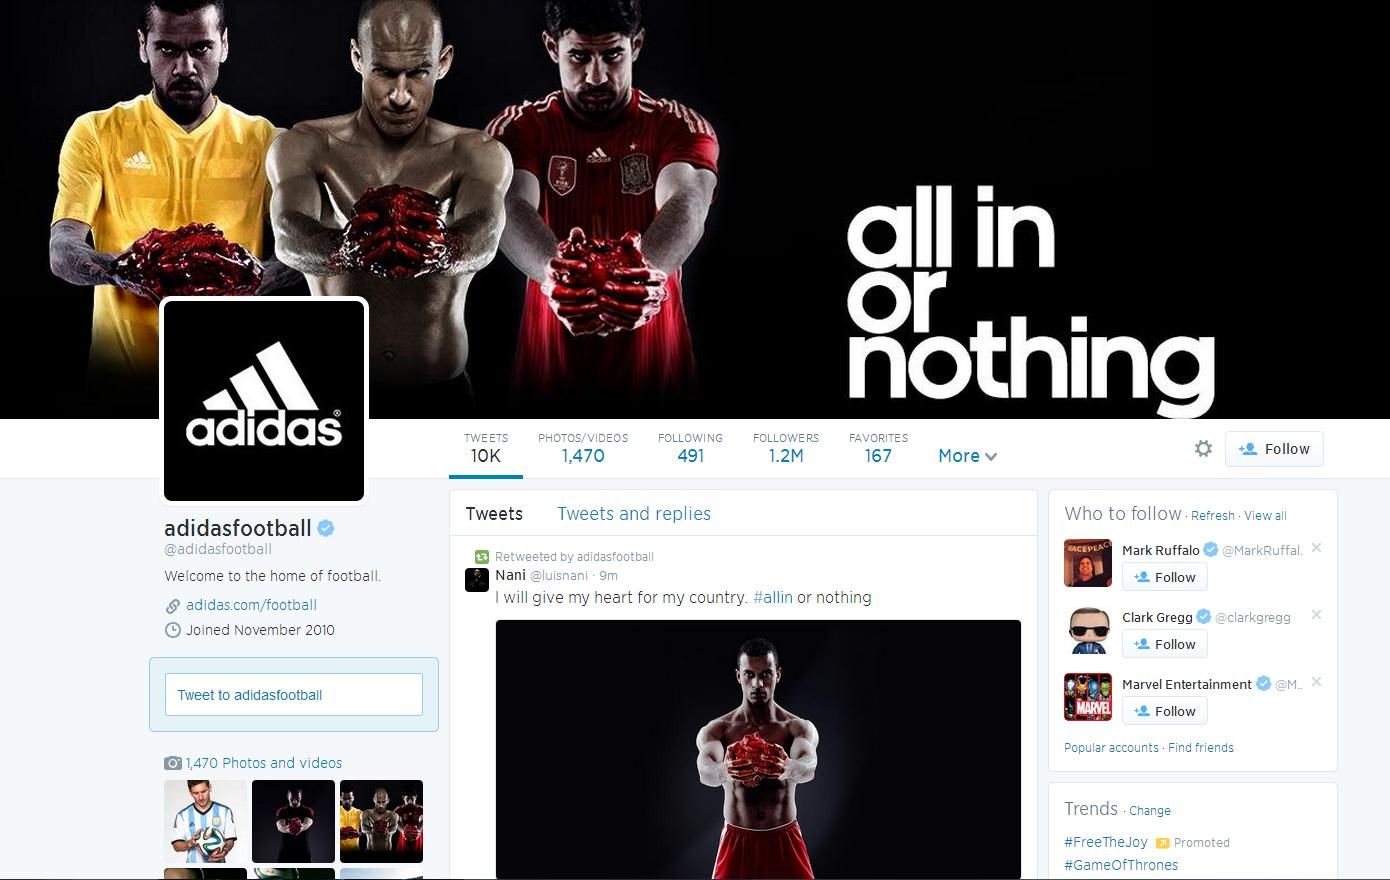 Adidas #Allin